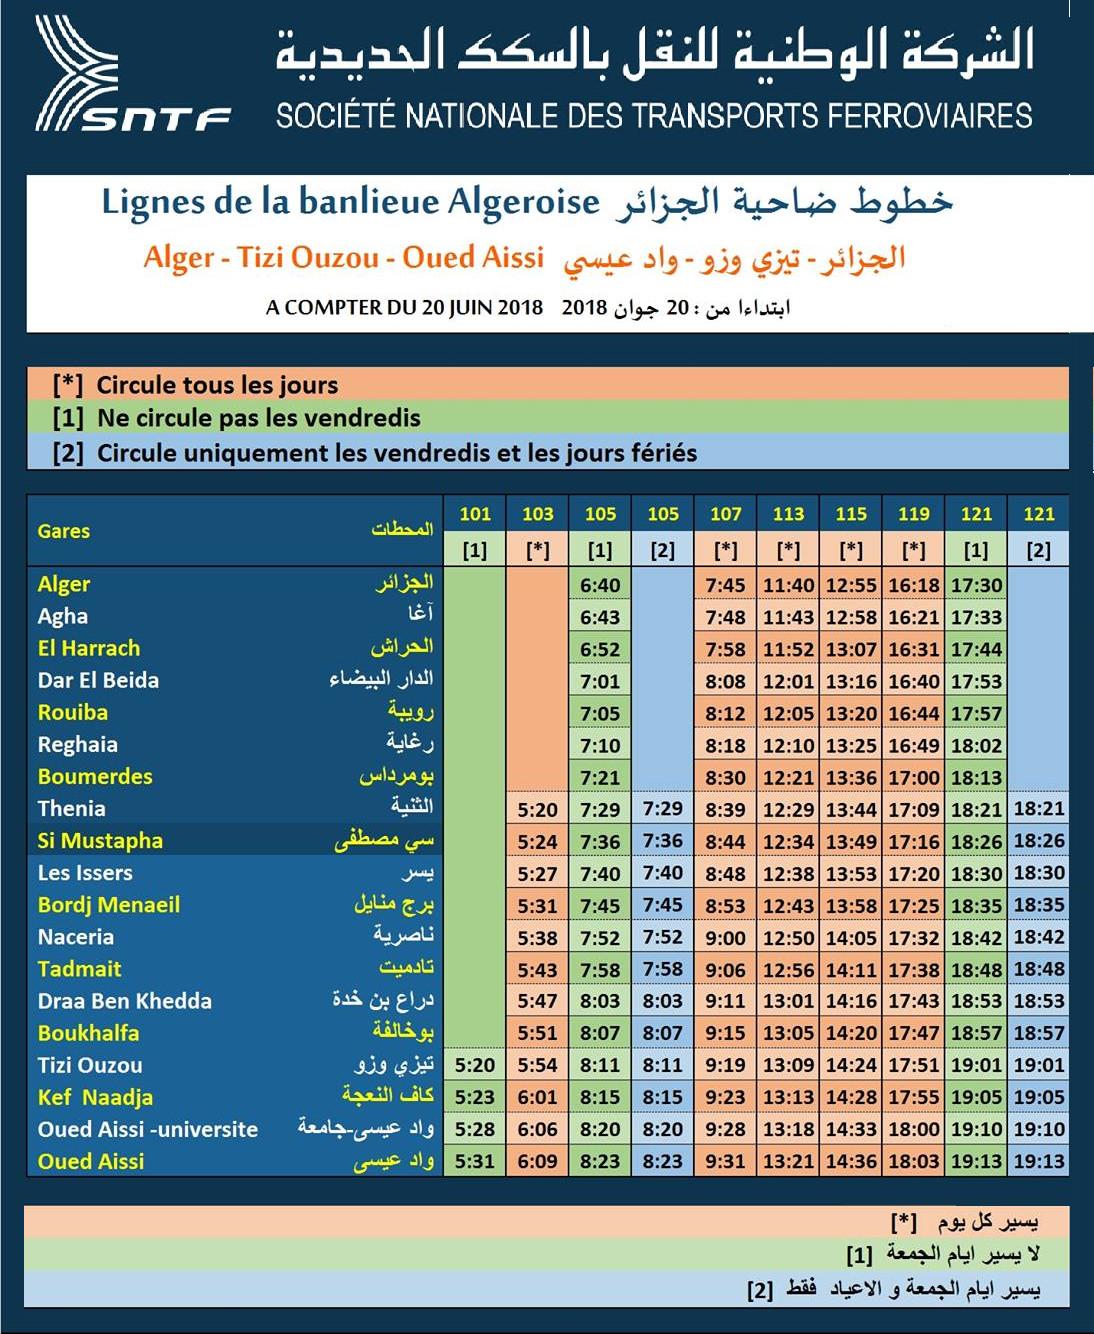 تعرف على مواقيت القطار 2021 برج منايل الجزائر